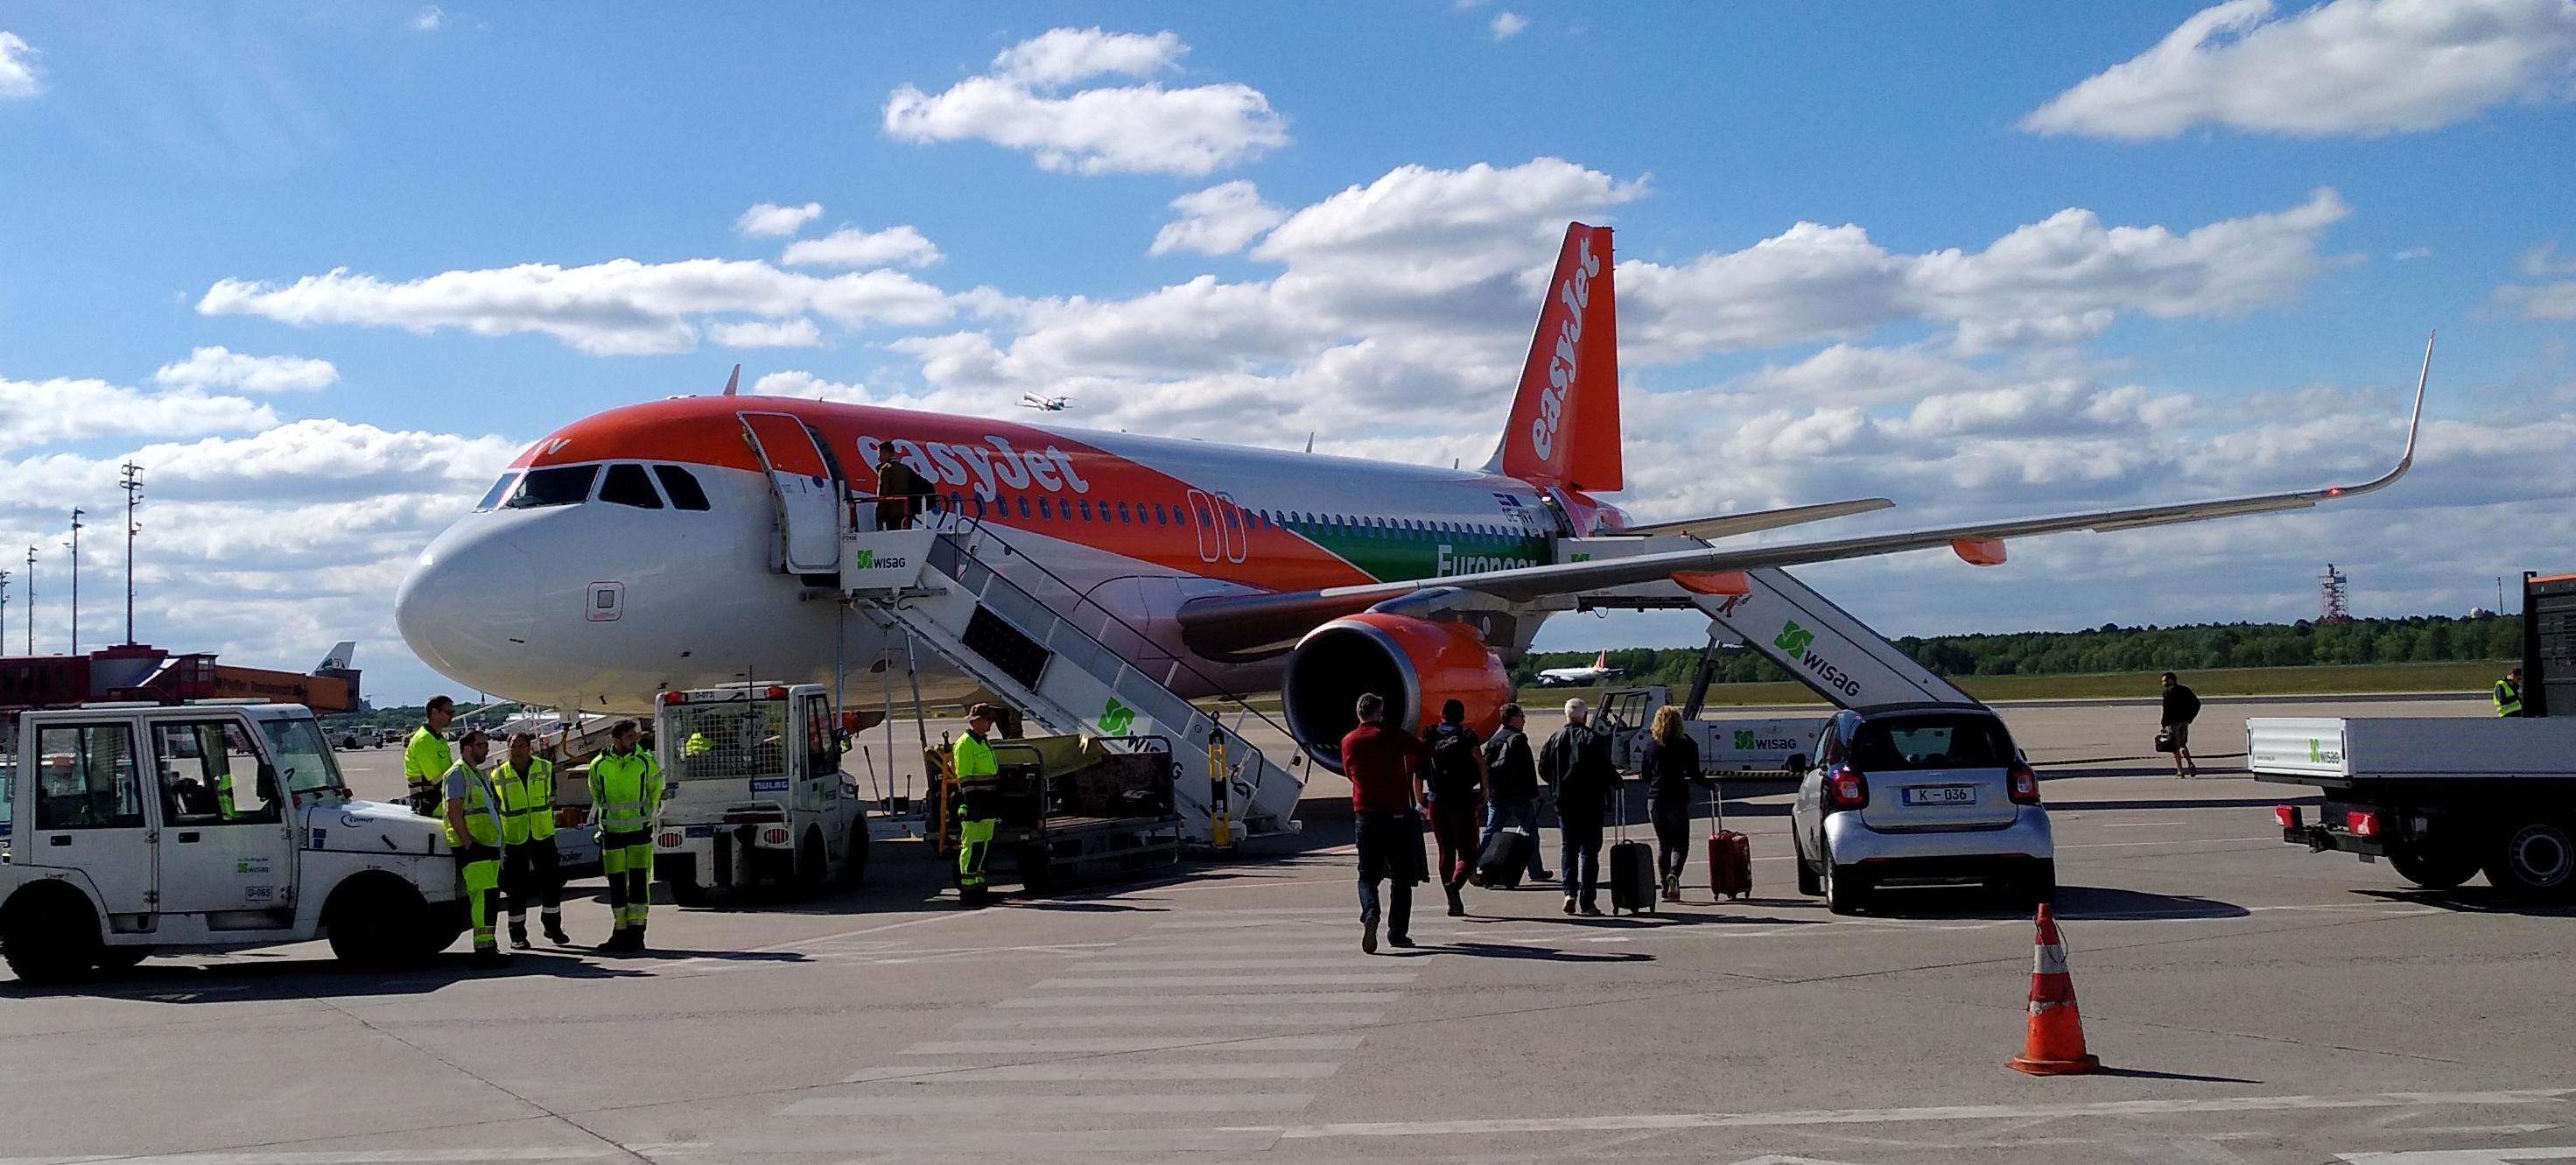 Bildresultat för tegel airport easyjet